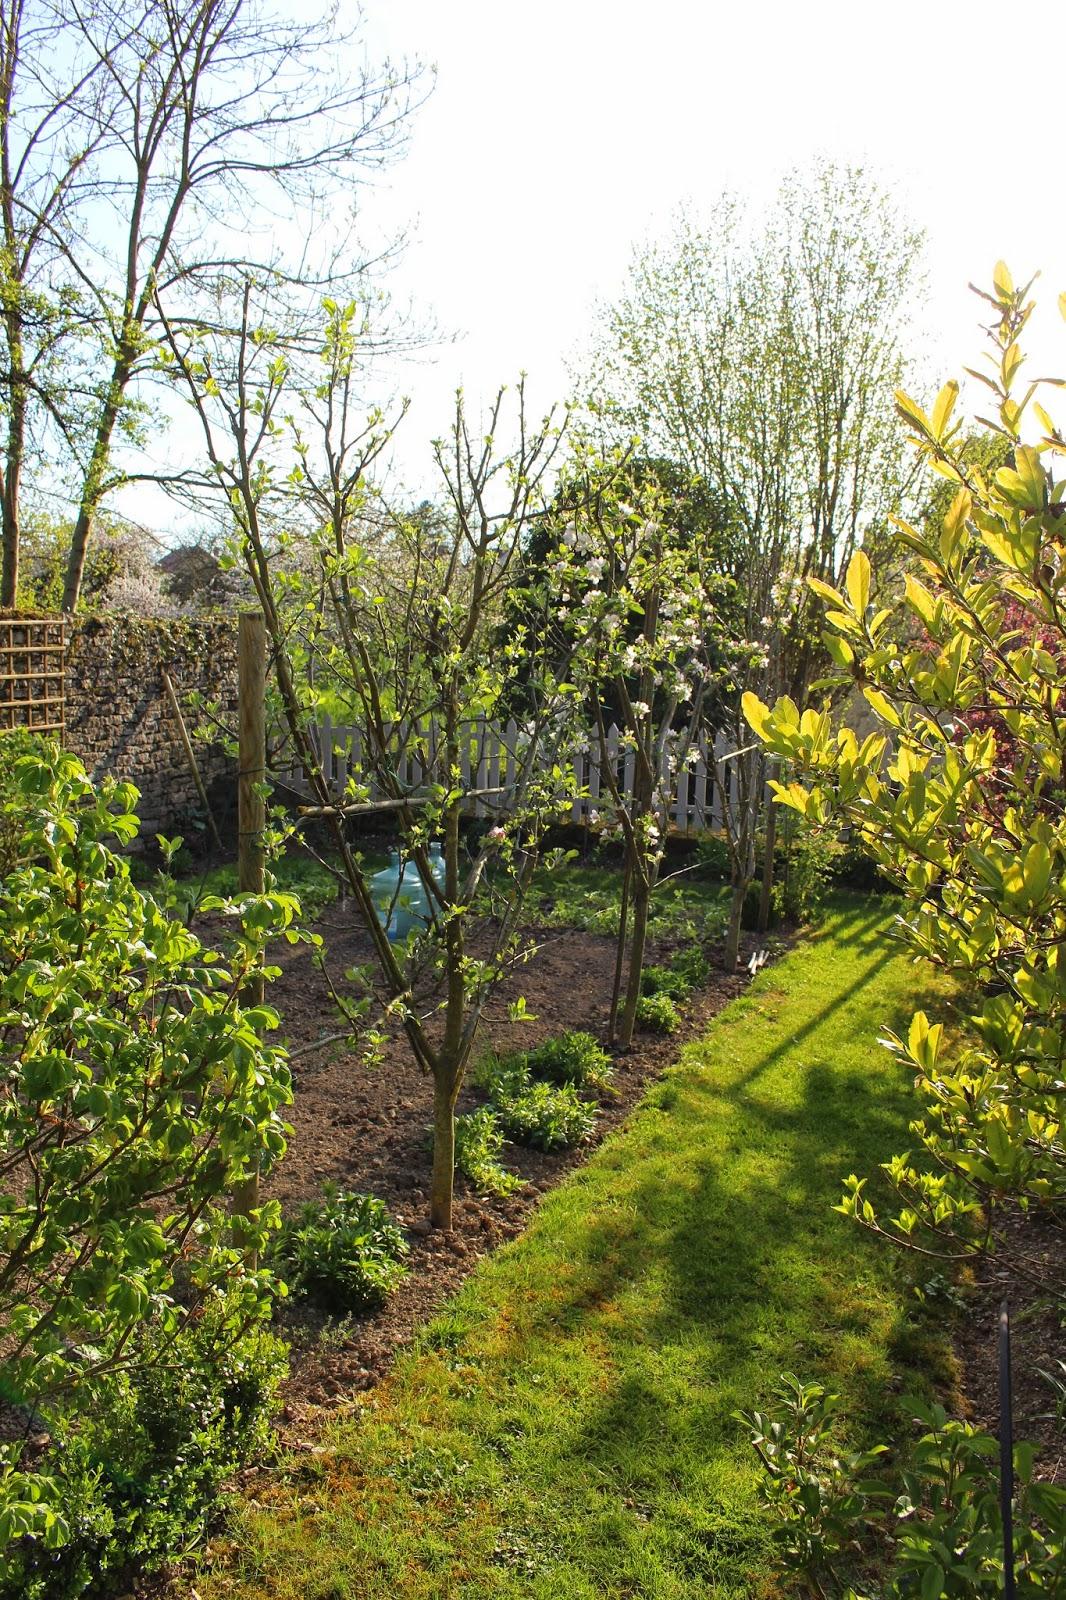 Notre jardin secret iris malus co for Jardin secret 2015